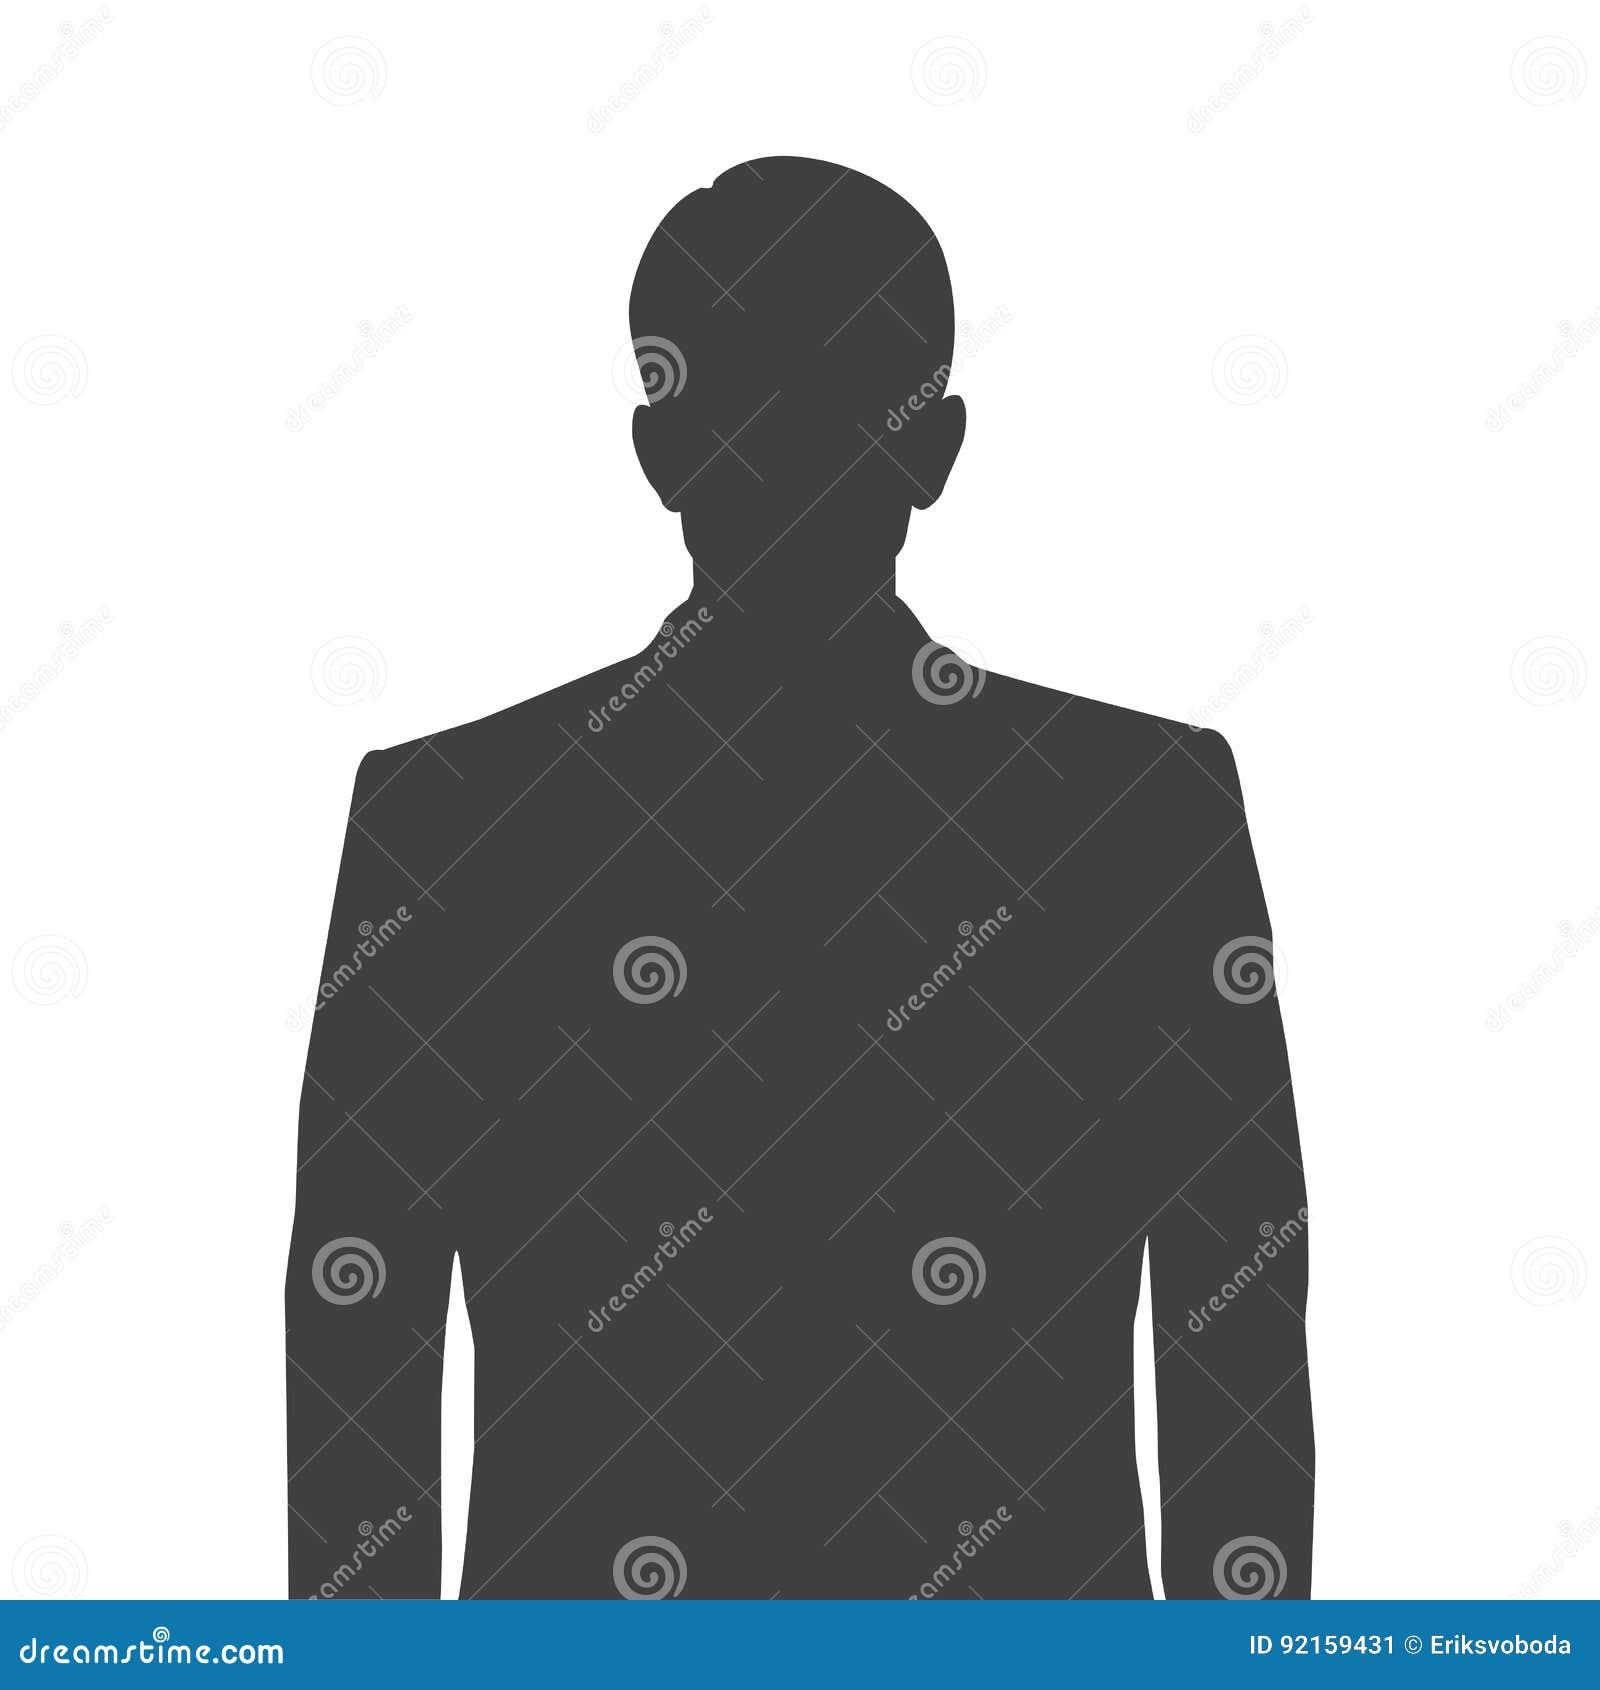 Silueta exacta de un hombre para la imagen del perfil Silueta gris de un hombre cintura-profundo con un peinado aseado en blanco